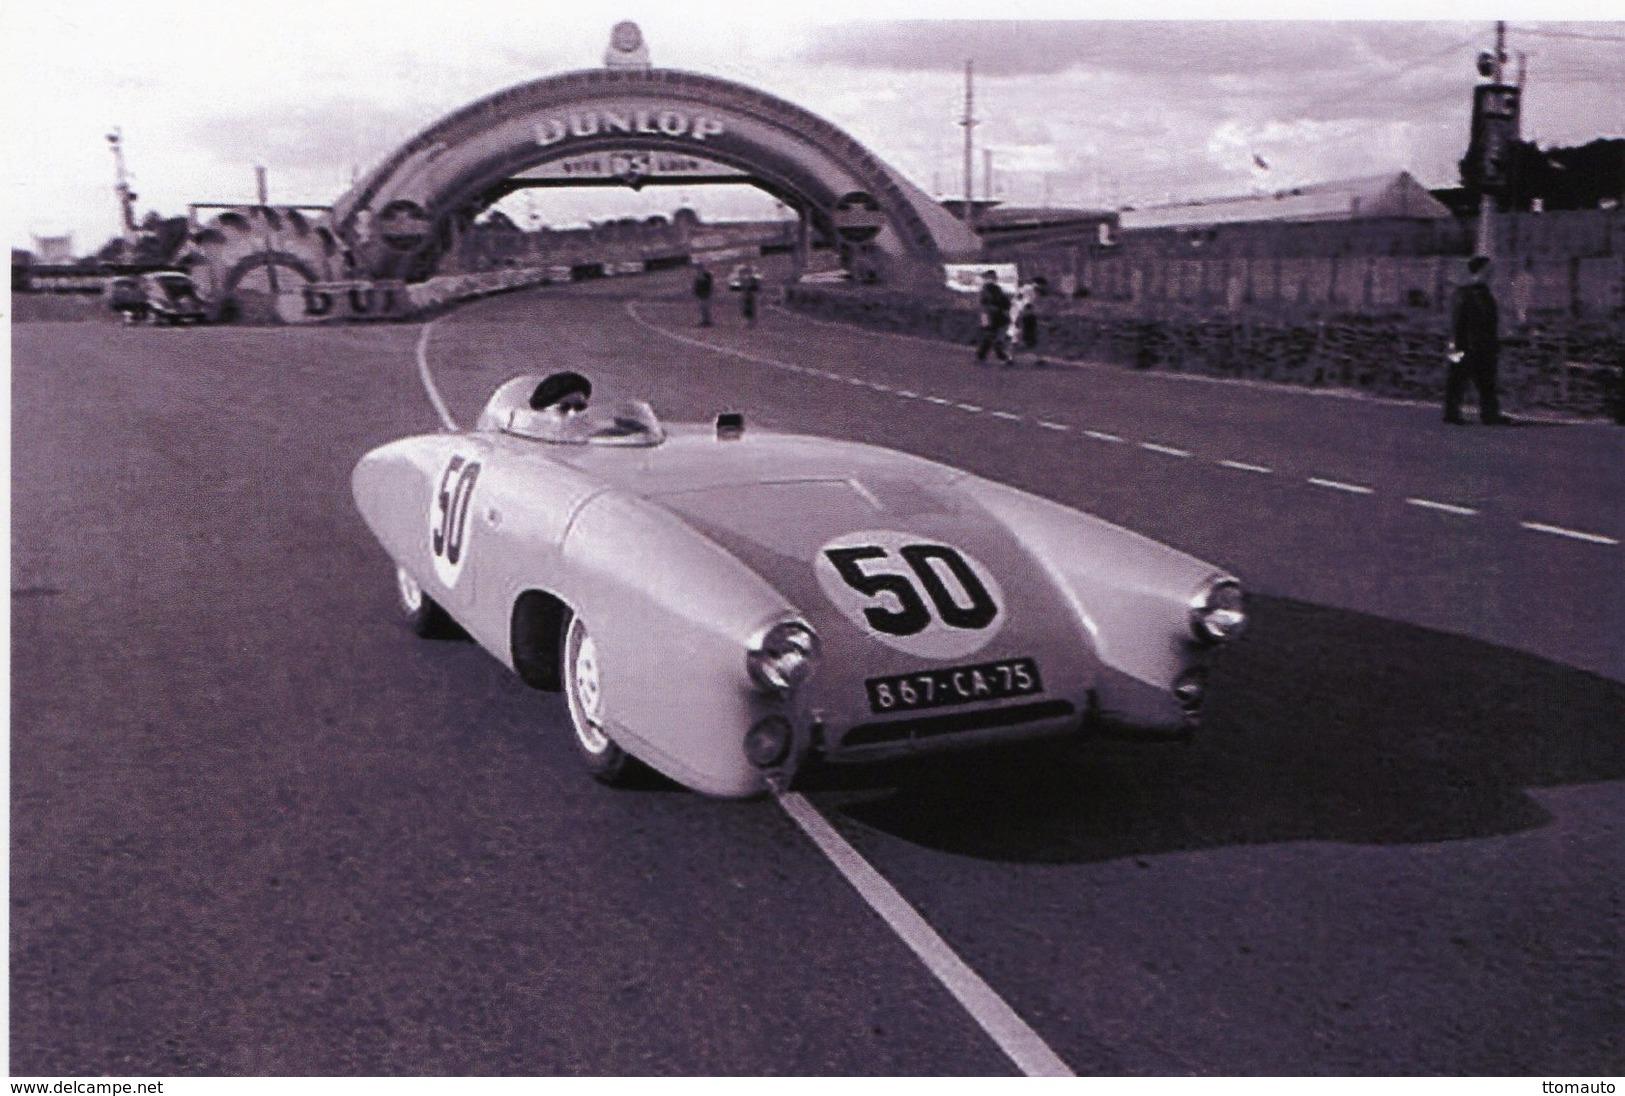 24 Heures Du Mans 1953 - DB Panhard X89 1100cm -  Pilotes: Charles Plantivaux/Guy Lapchin (F)  -  15x10cm PHOTO - Le Mans